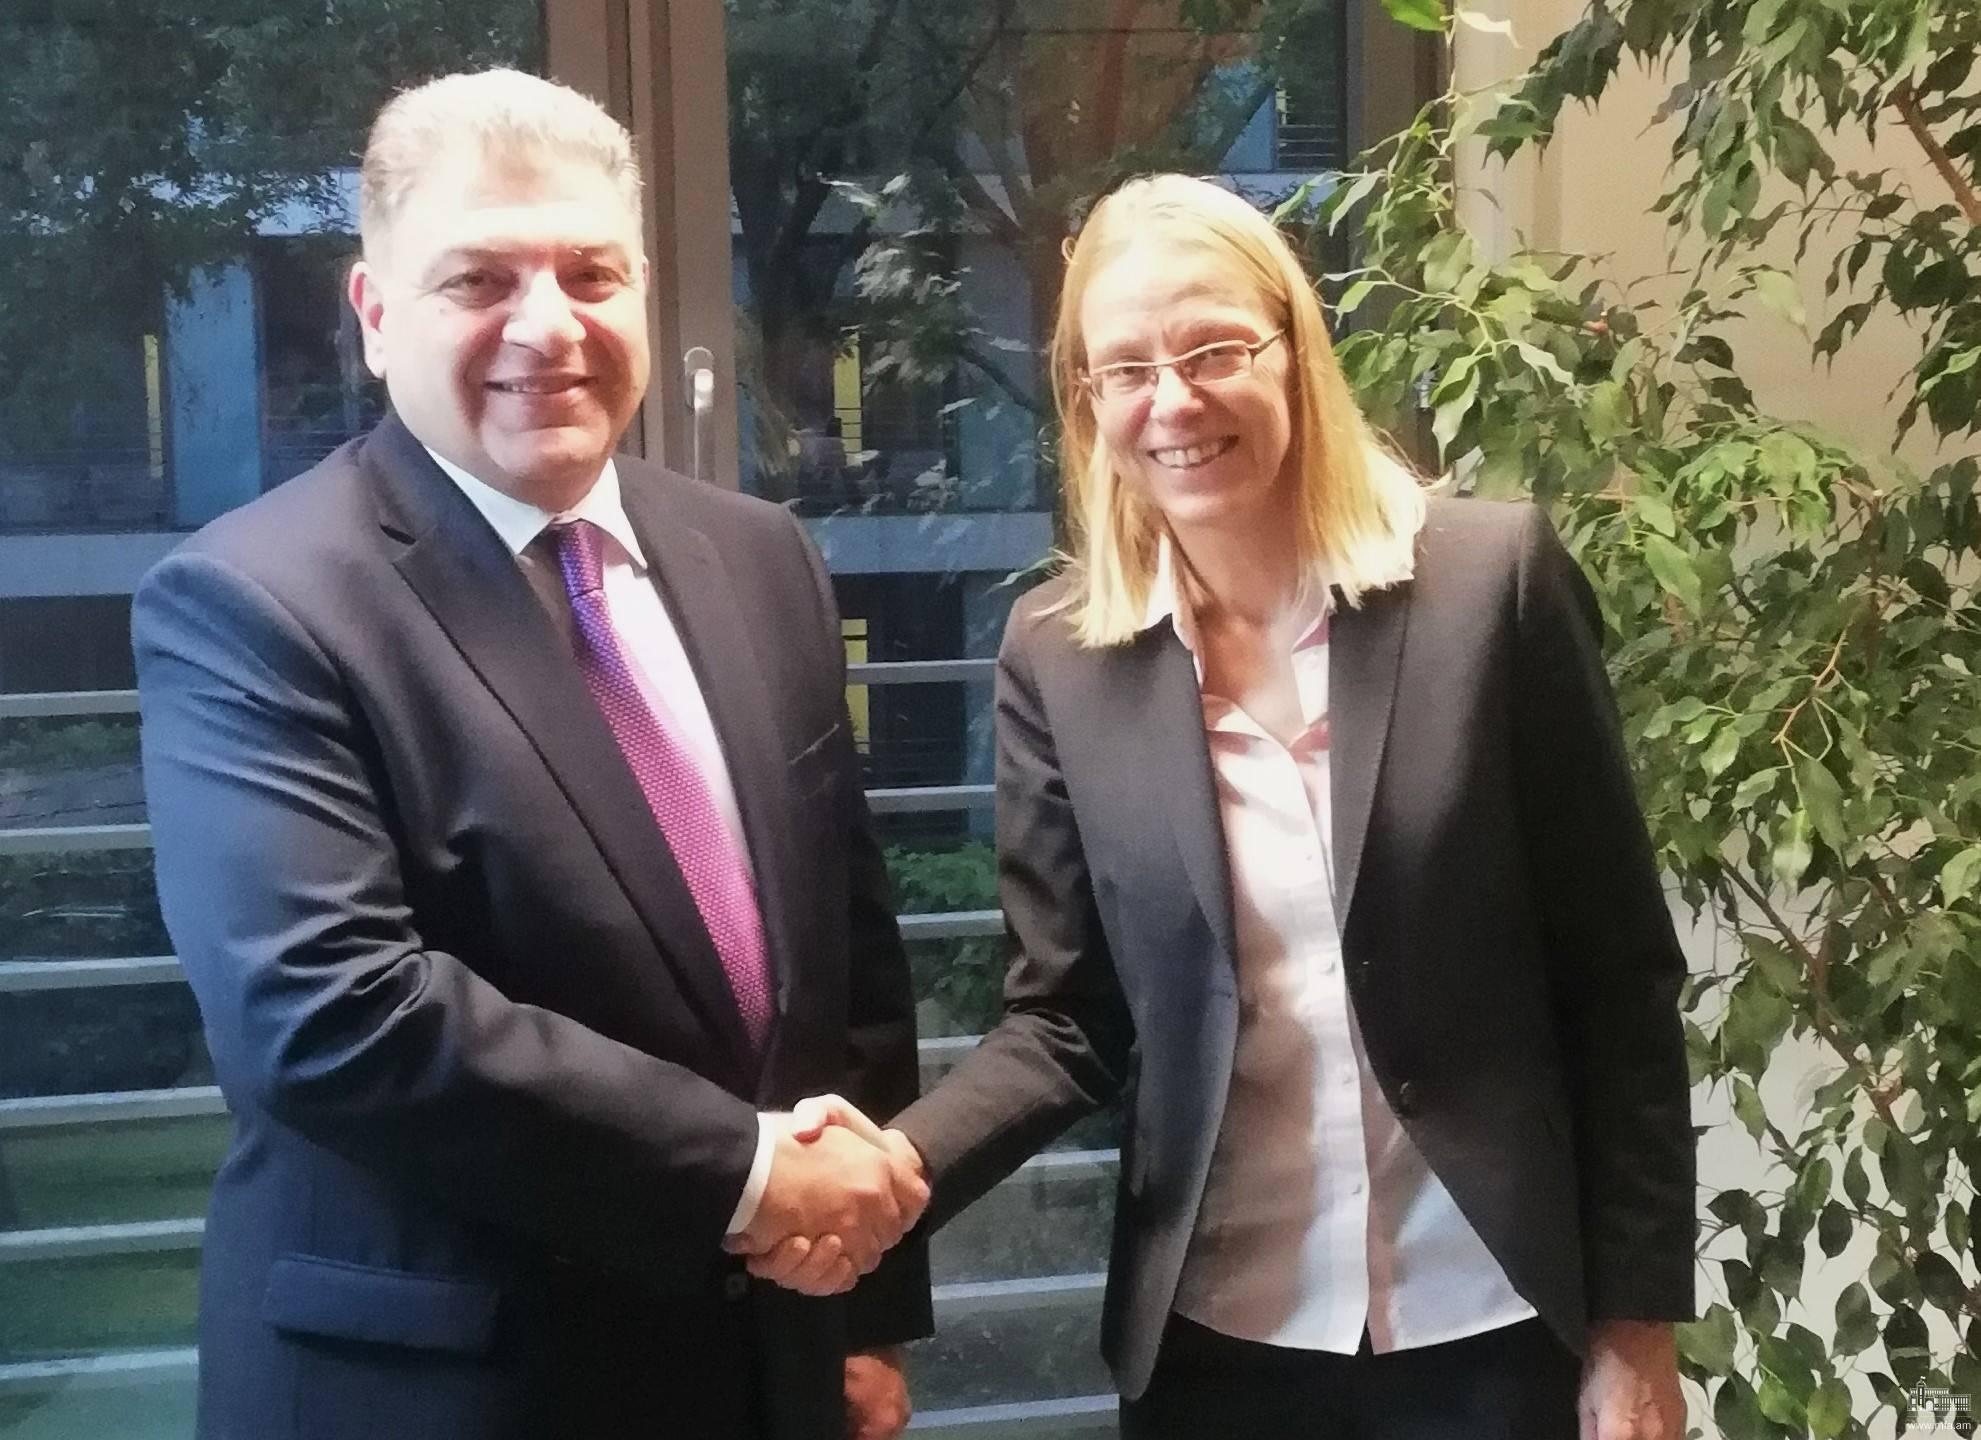 ԱԳՆ գլխավոր քարտուղար Վահագն Մելիքյանի հանդիպումը ԳԴՀ ԱԳՆ Կենտրոնական գլխավոր վարչության տնօրենի հետ